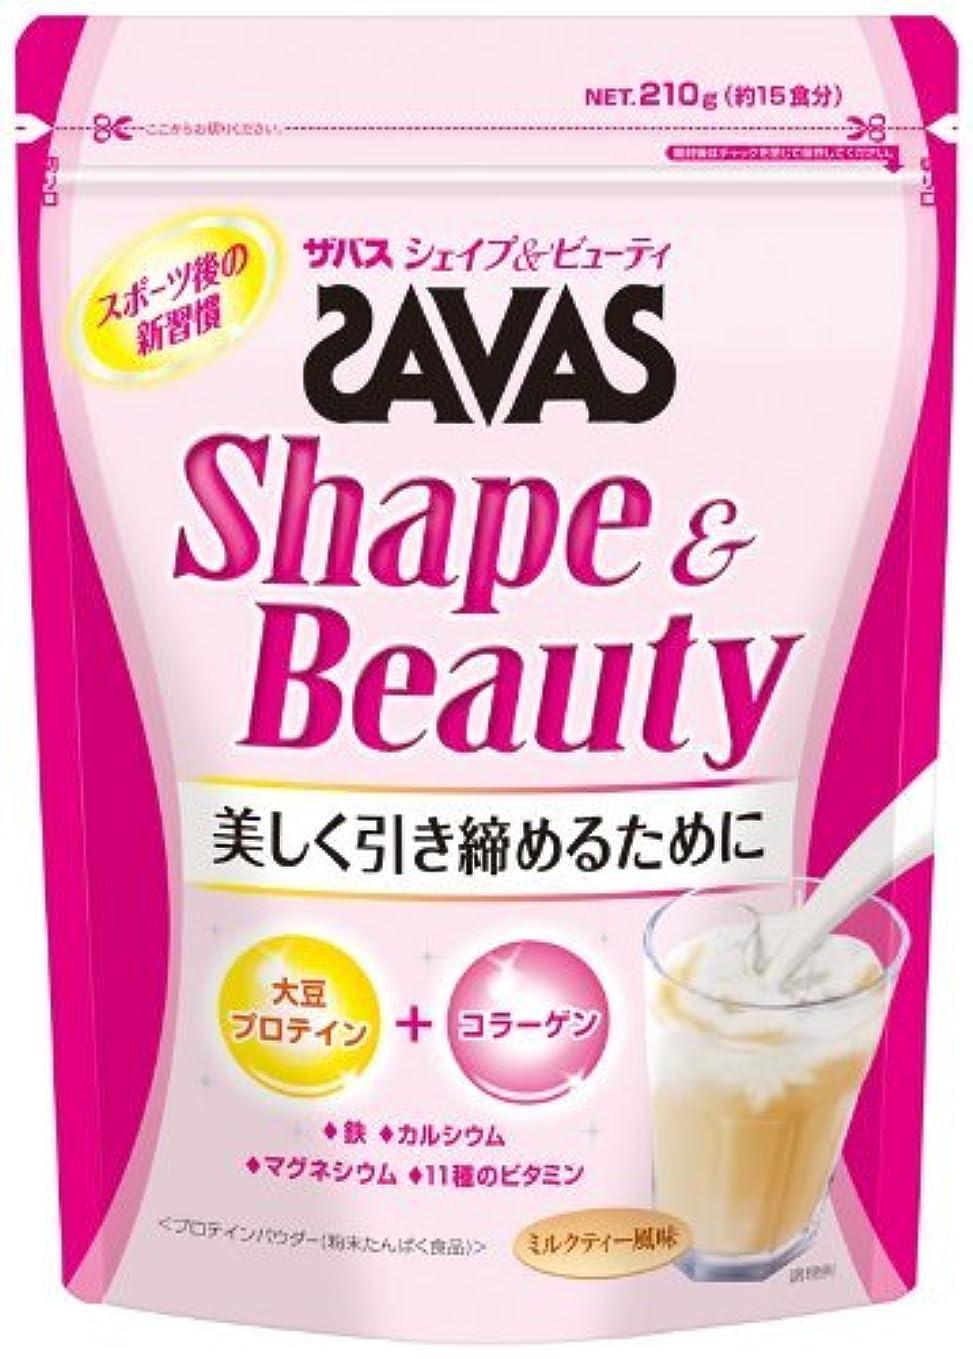 シダジャーナル思いつく明治 ザバス シェイプ&ビューティ ミルクティー風味【15食分】 210g